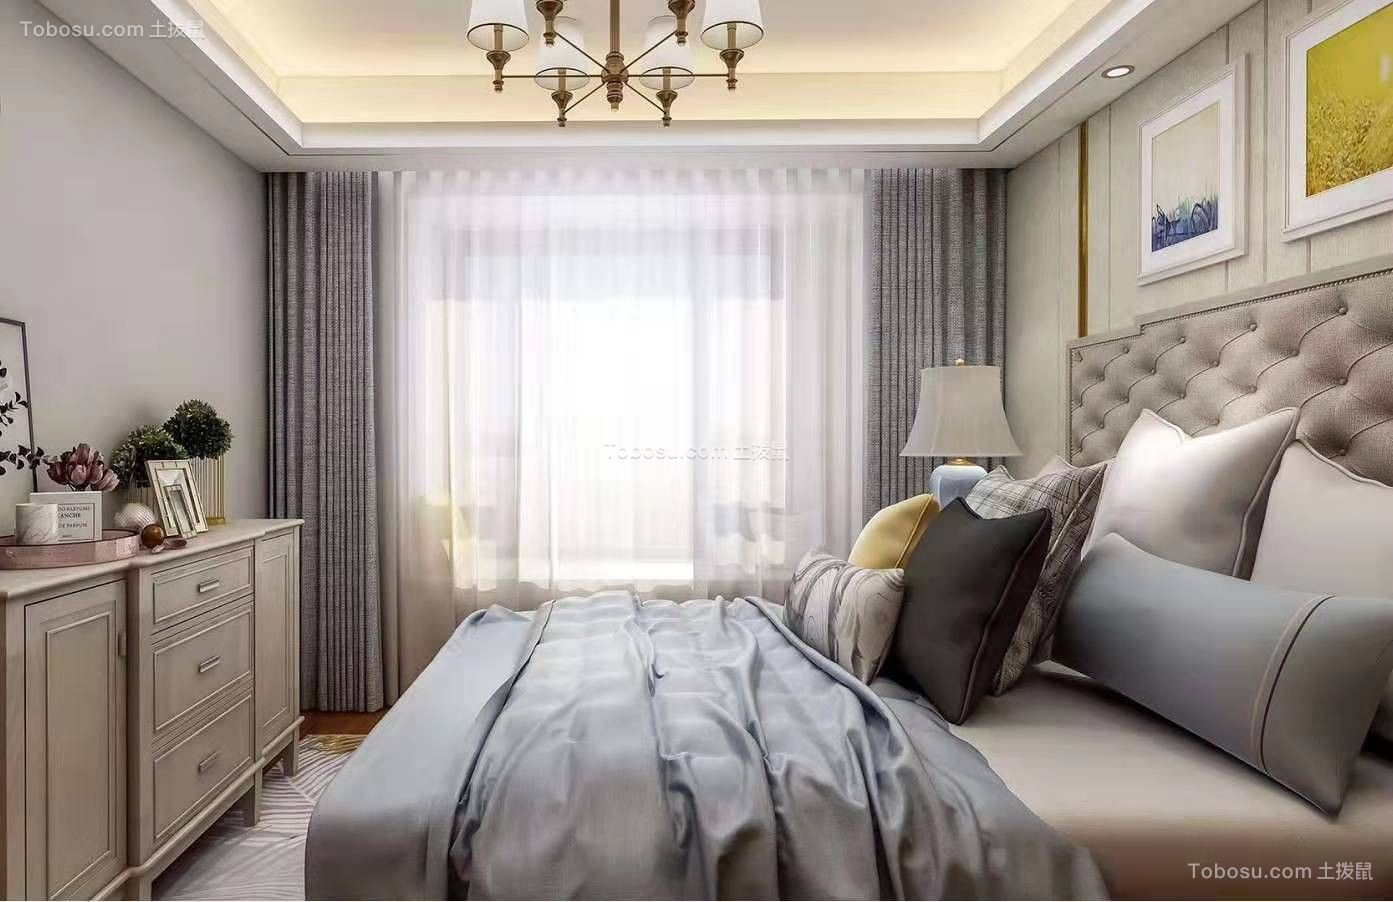 2019北欧卧室装修设计图片 2019北欧落地窗效果图